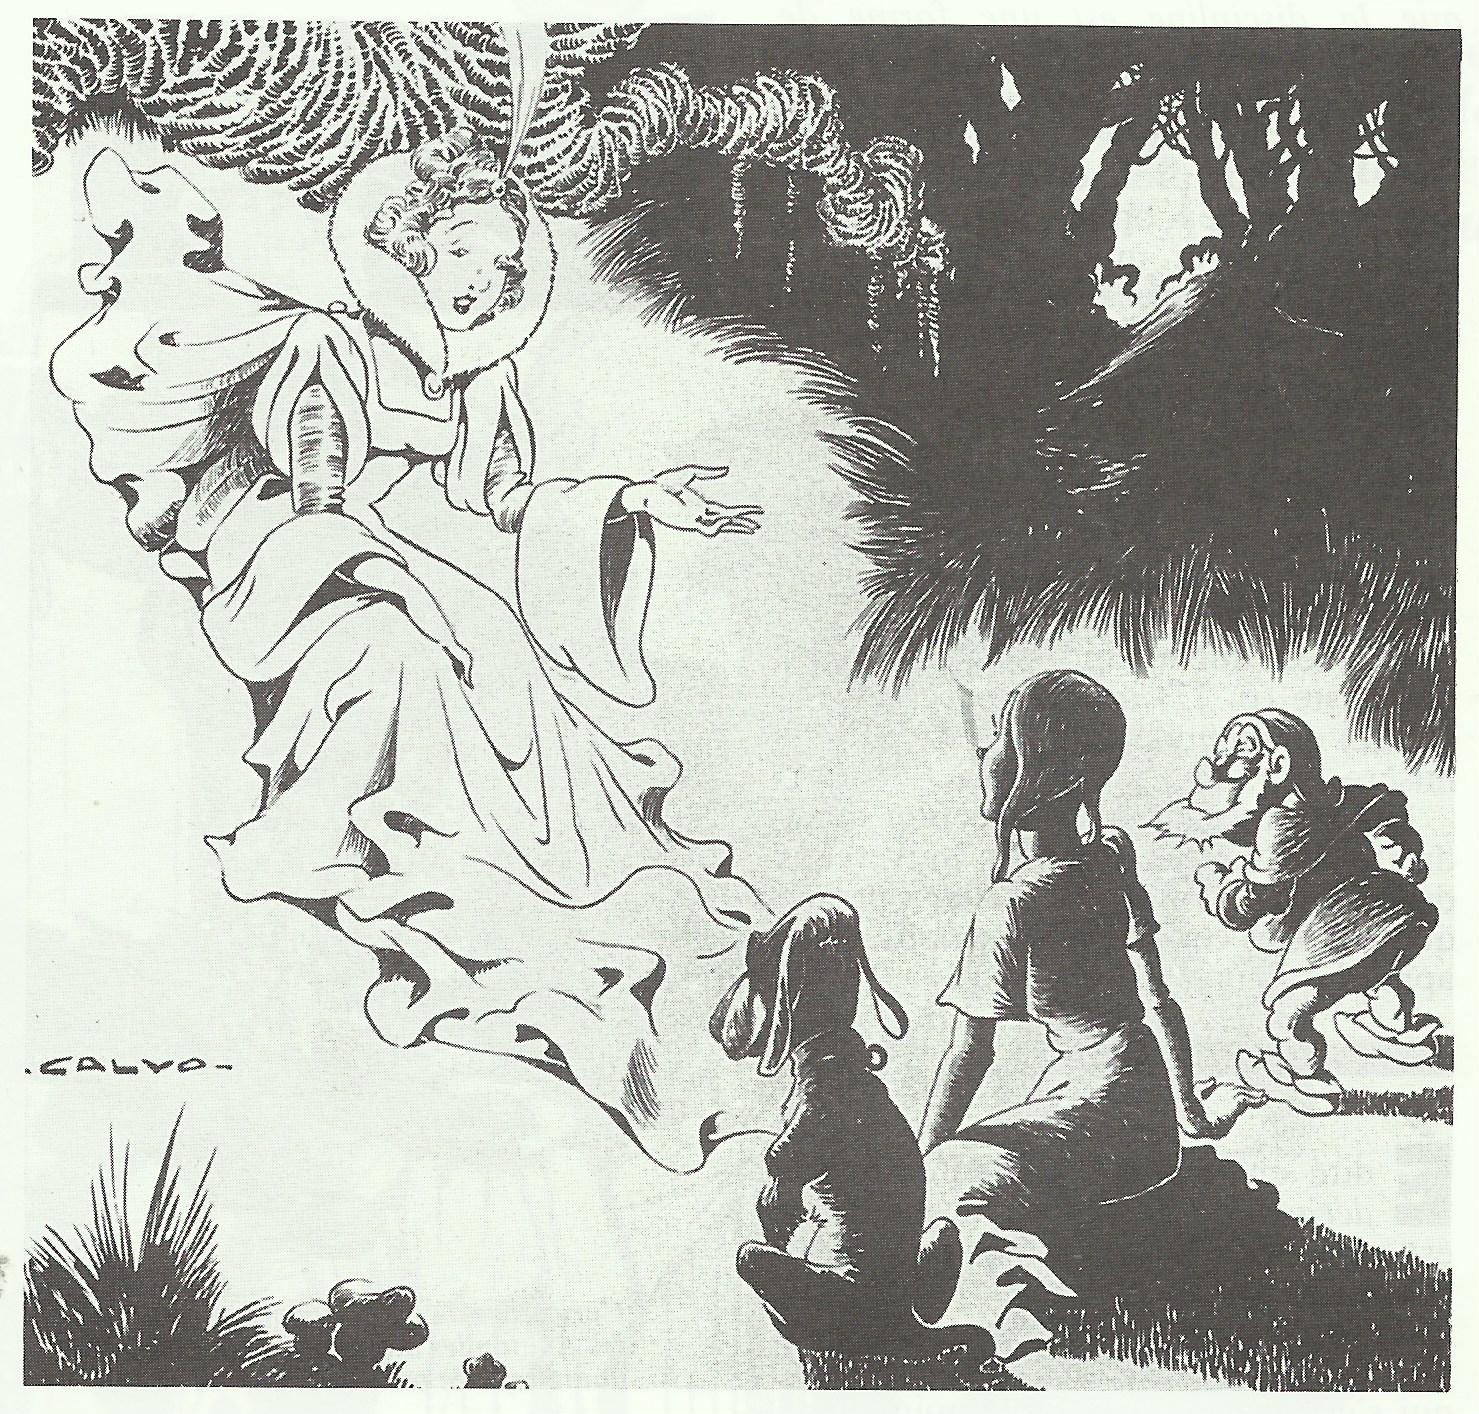 Original d'une couverture de Calvo pour le n° 98 de Fillette, daté du 27 mai 1948.